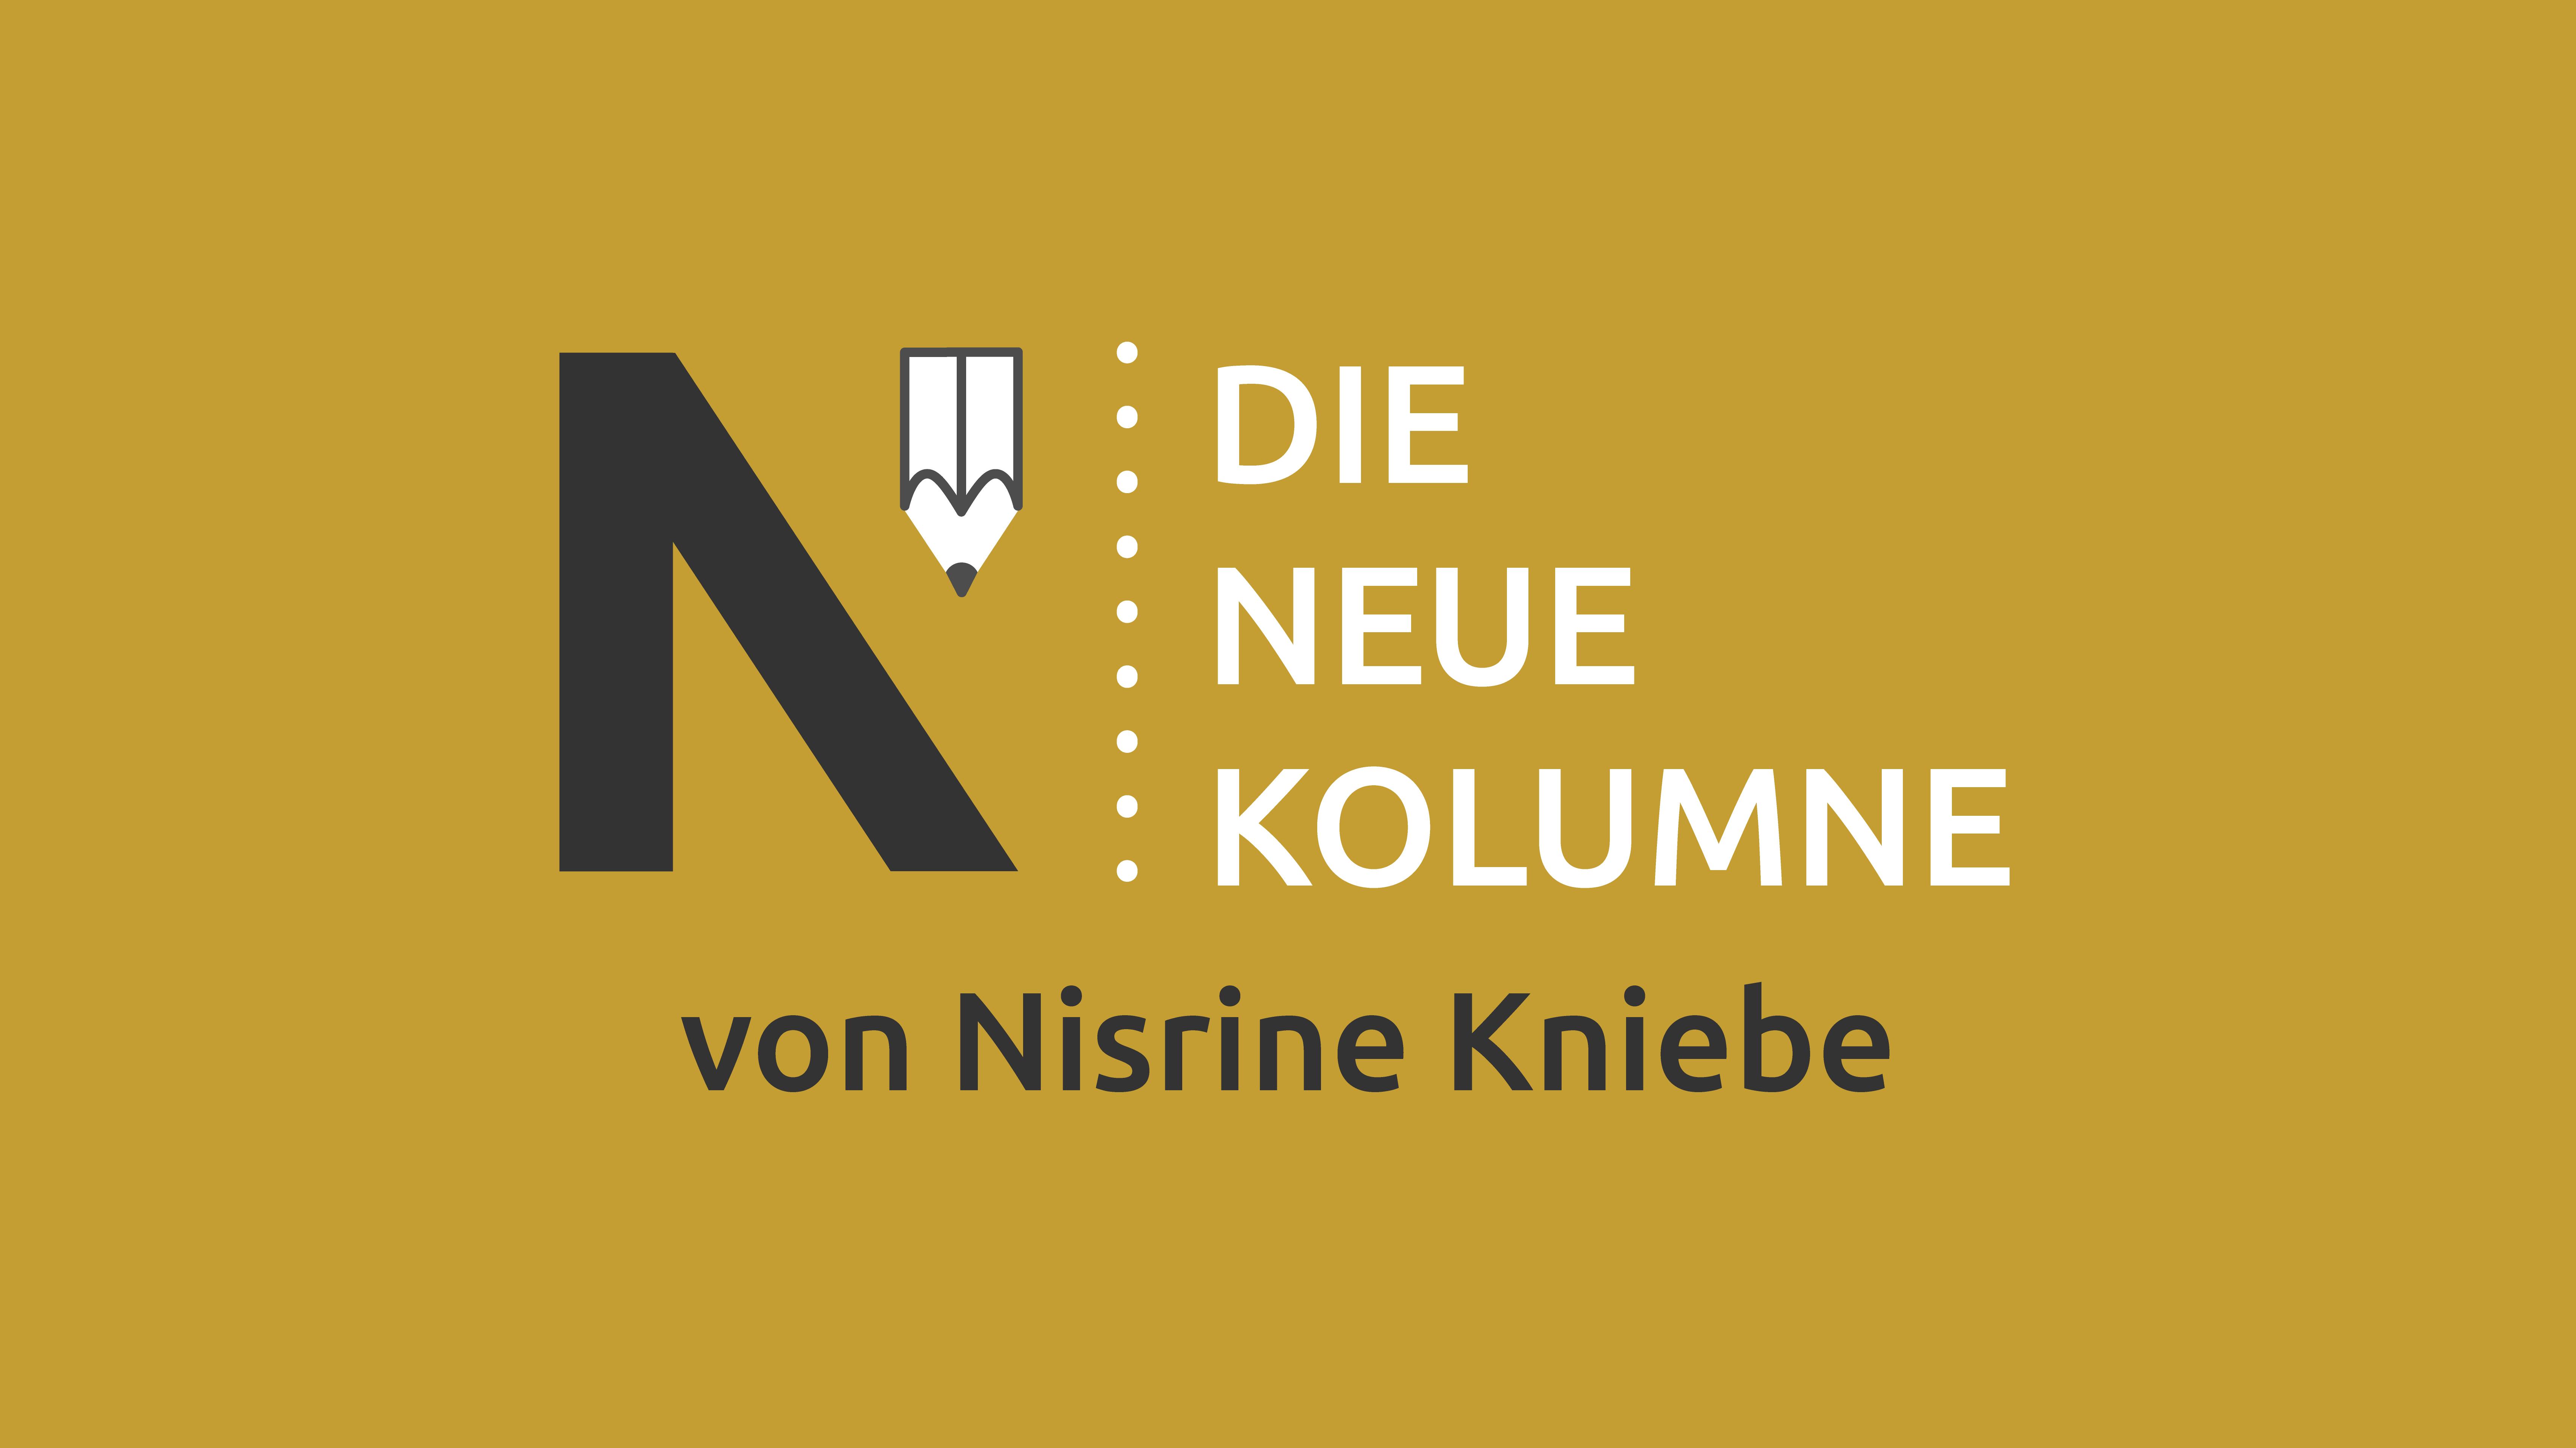 Das Logo von Die Neue Norm auf gelbem Grund. Rechts davon steht: Die Neue Kolumne. Unten steht: Von Nisrine Kniebe.